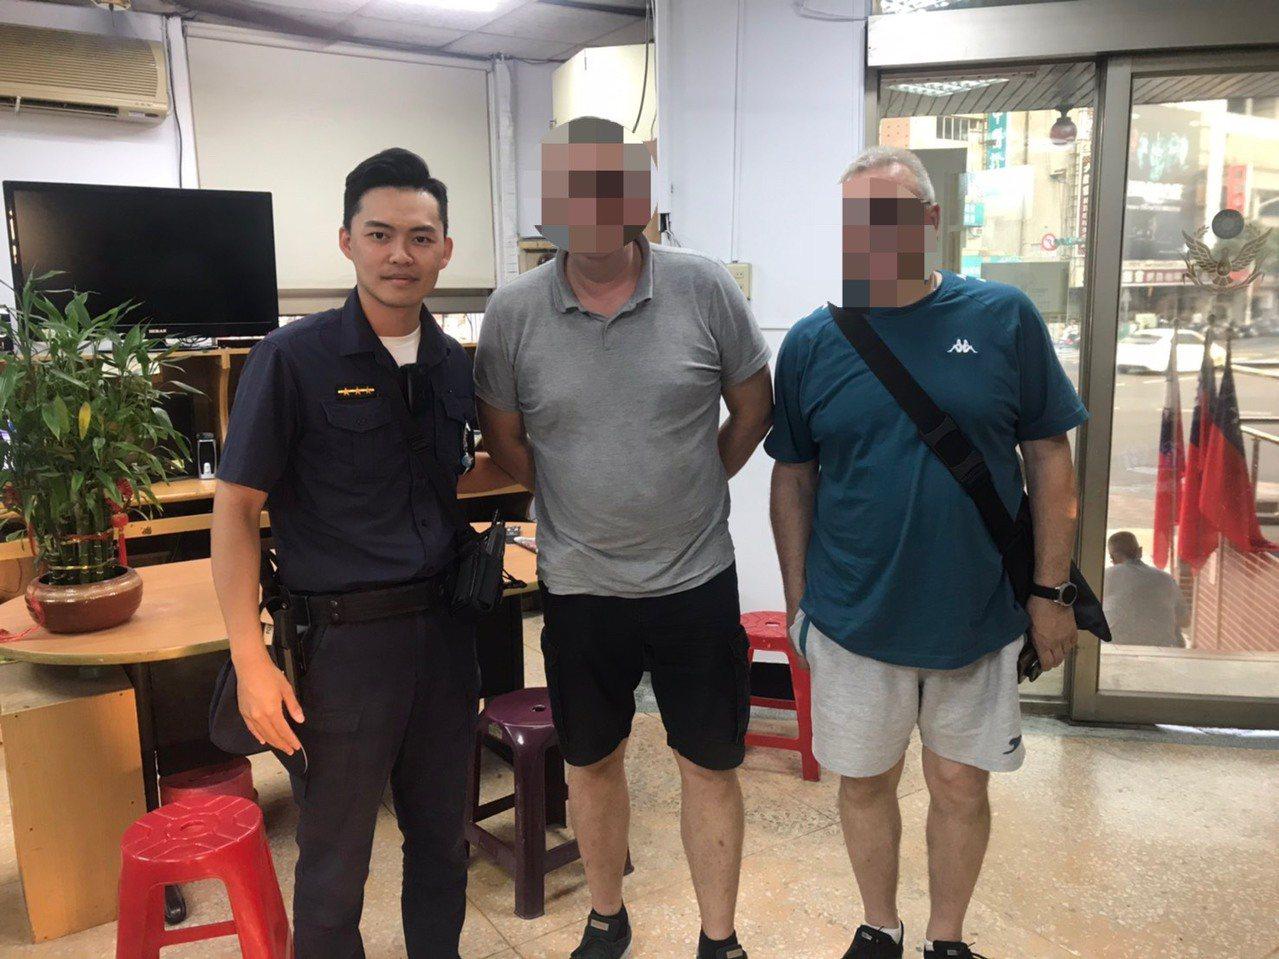 從德國來台工作的Widmer手機遺失,被計程車司機撿到報案,因未有過多線索,員警...